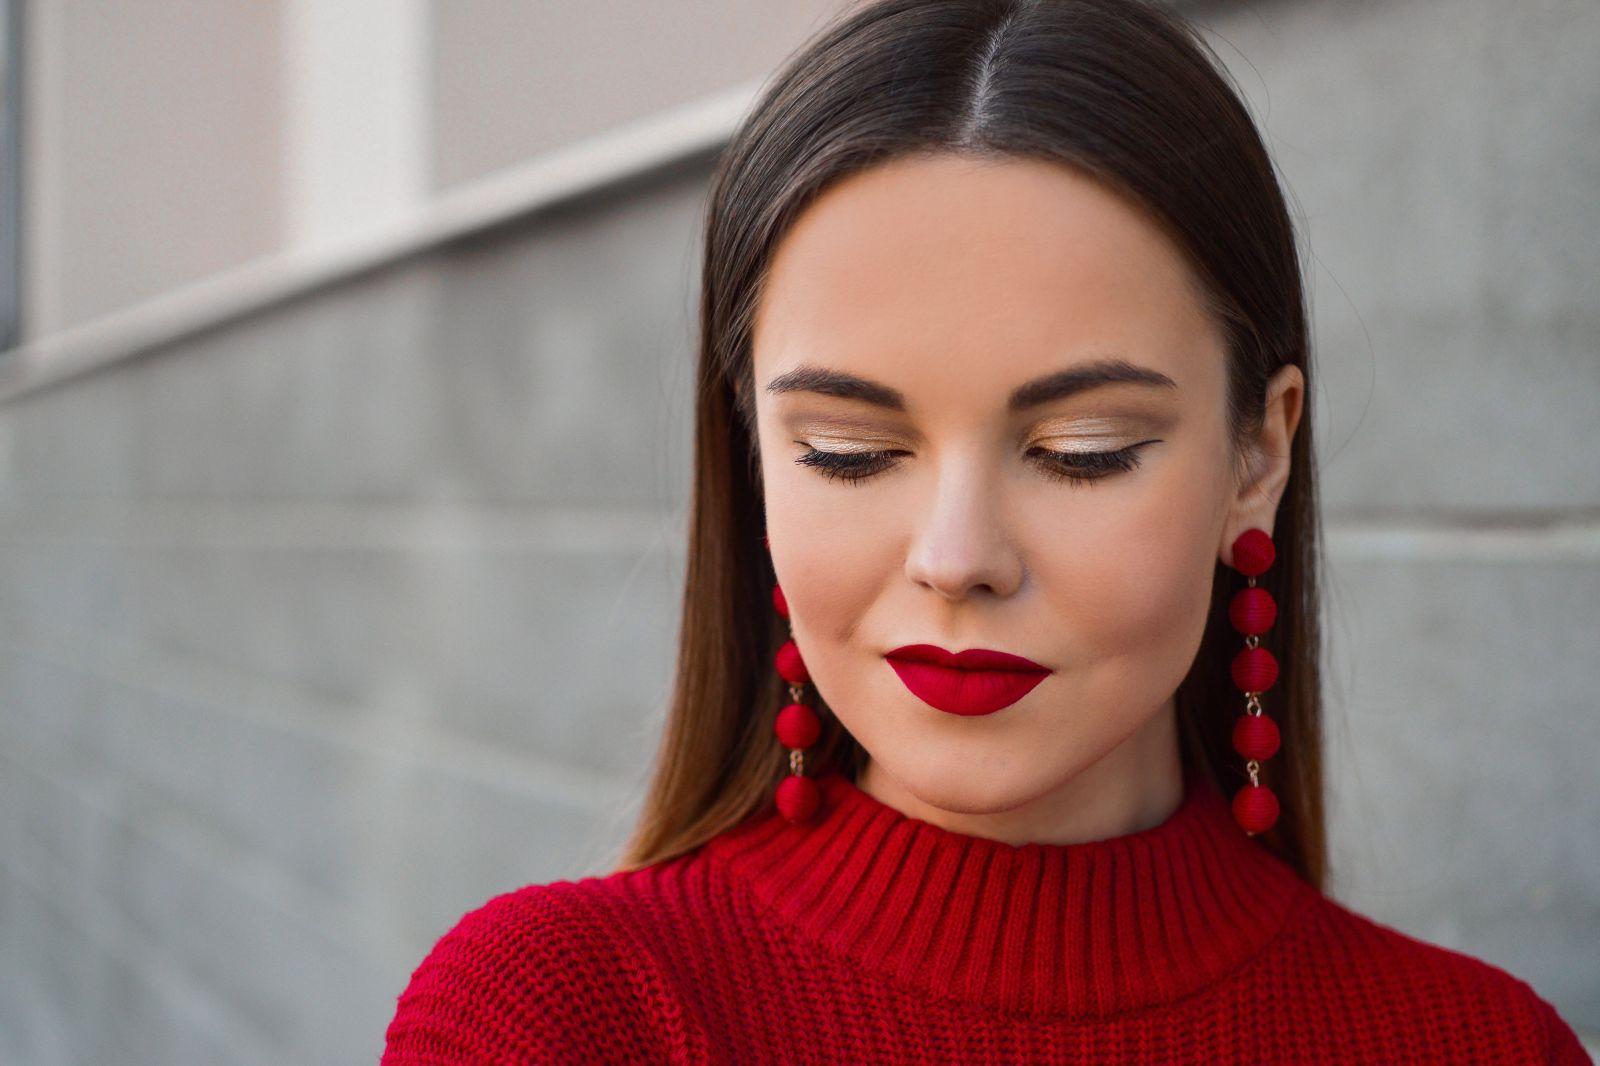 Psychológ odpovedá: Prečo vlastne nosia ženy mejkap?